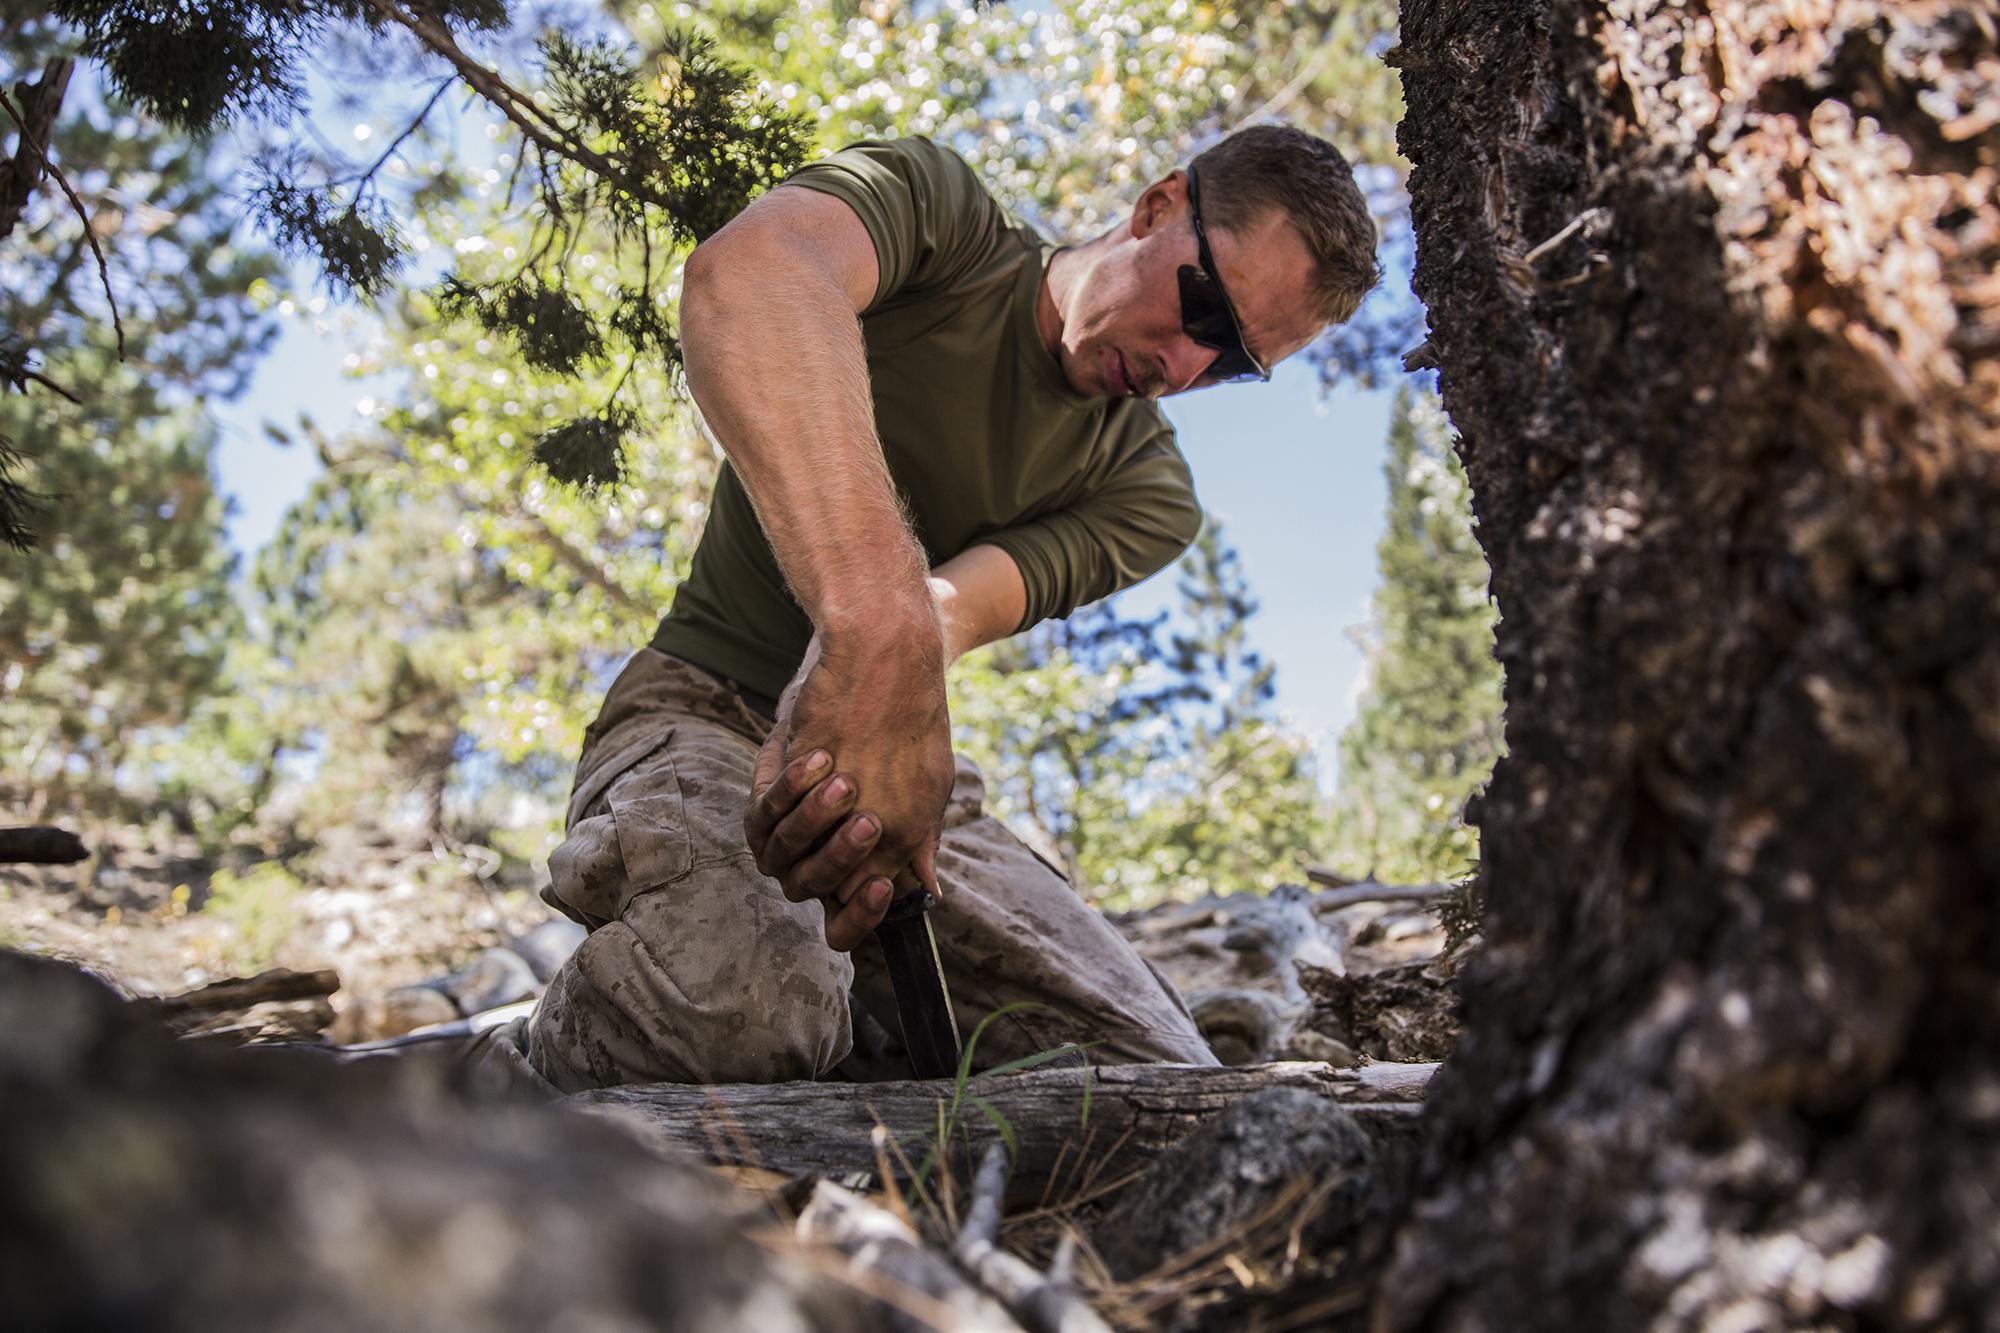 карьеры месторождения выжить в лесу фото для белья помогают